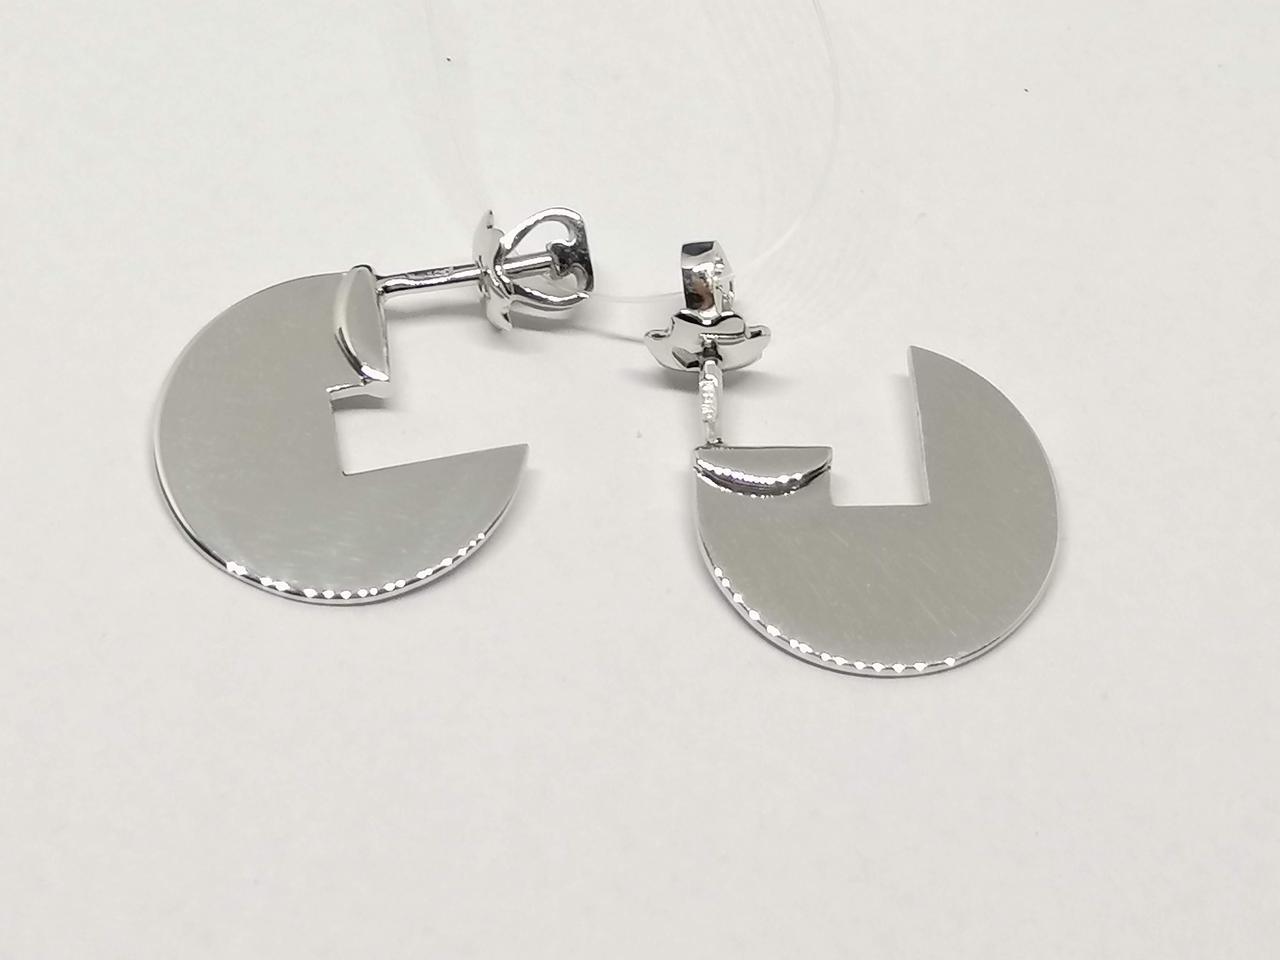 Срібні сережки. Артикул 90201197